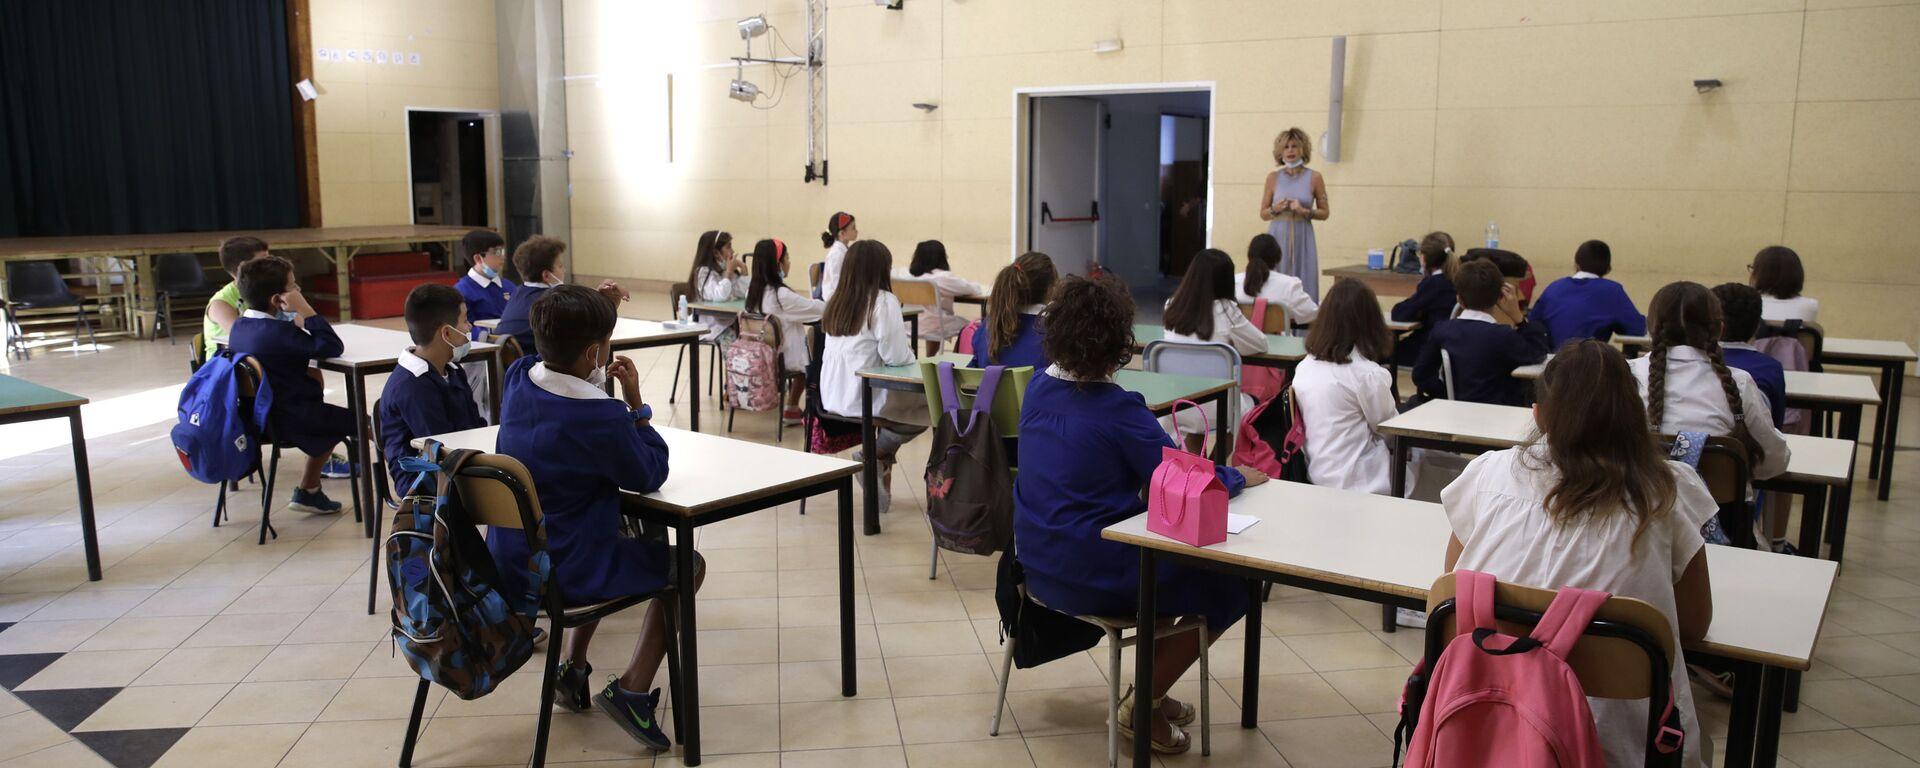 Lezione in una delle scuole a Roma dopo la riapertura, Italia - Sputnik Italia, 1920, 24.07.2021